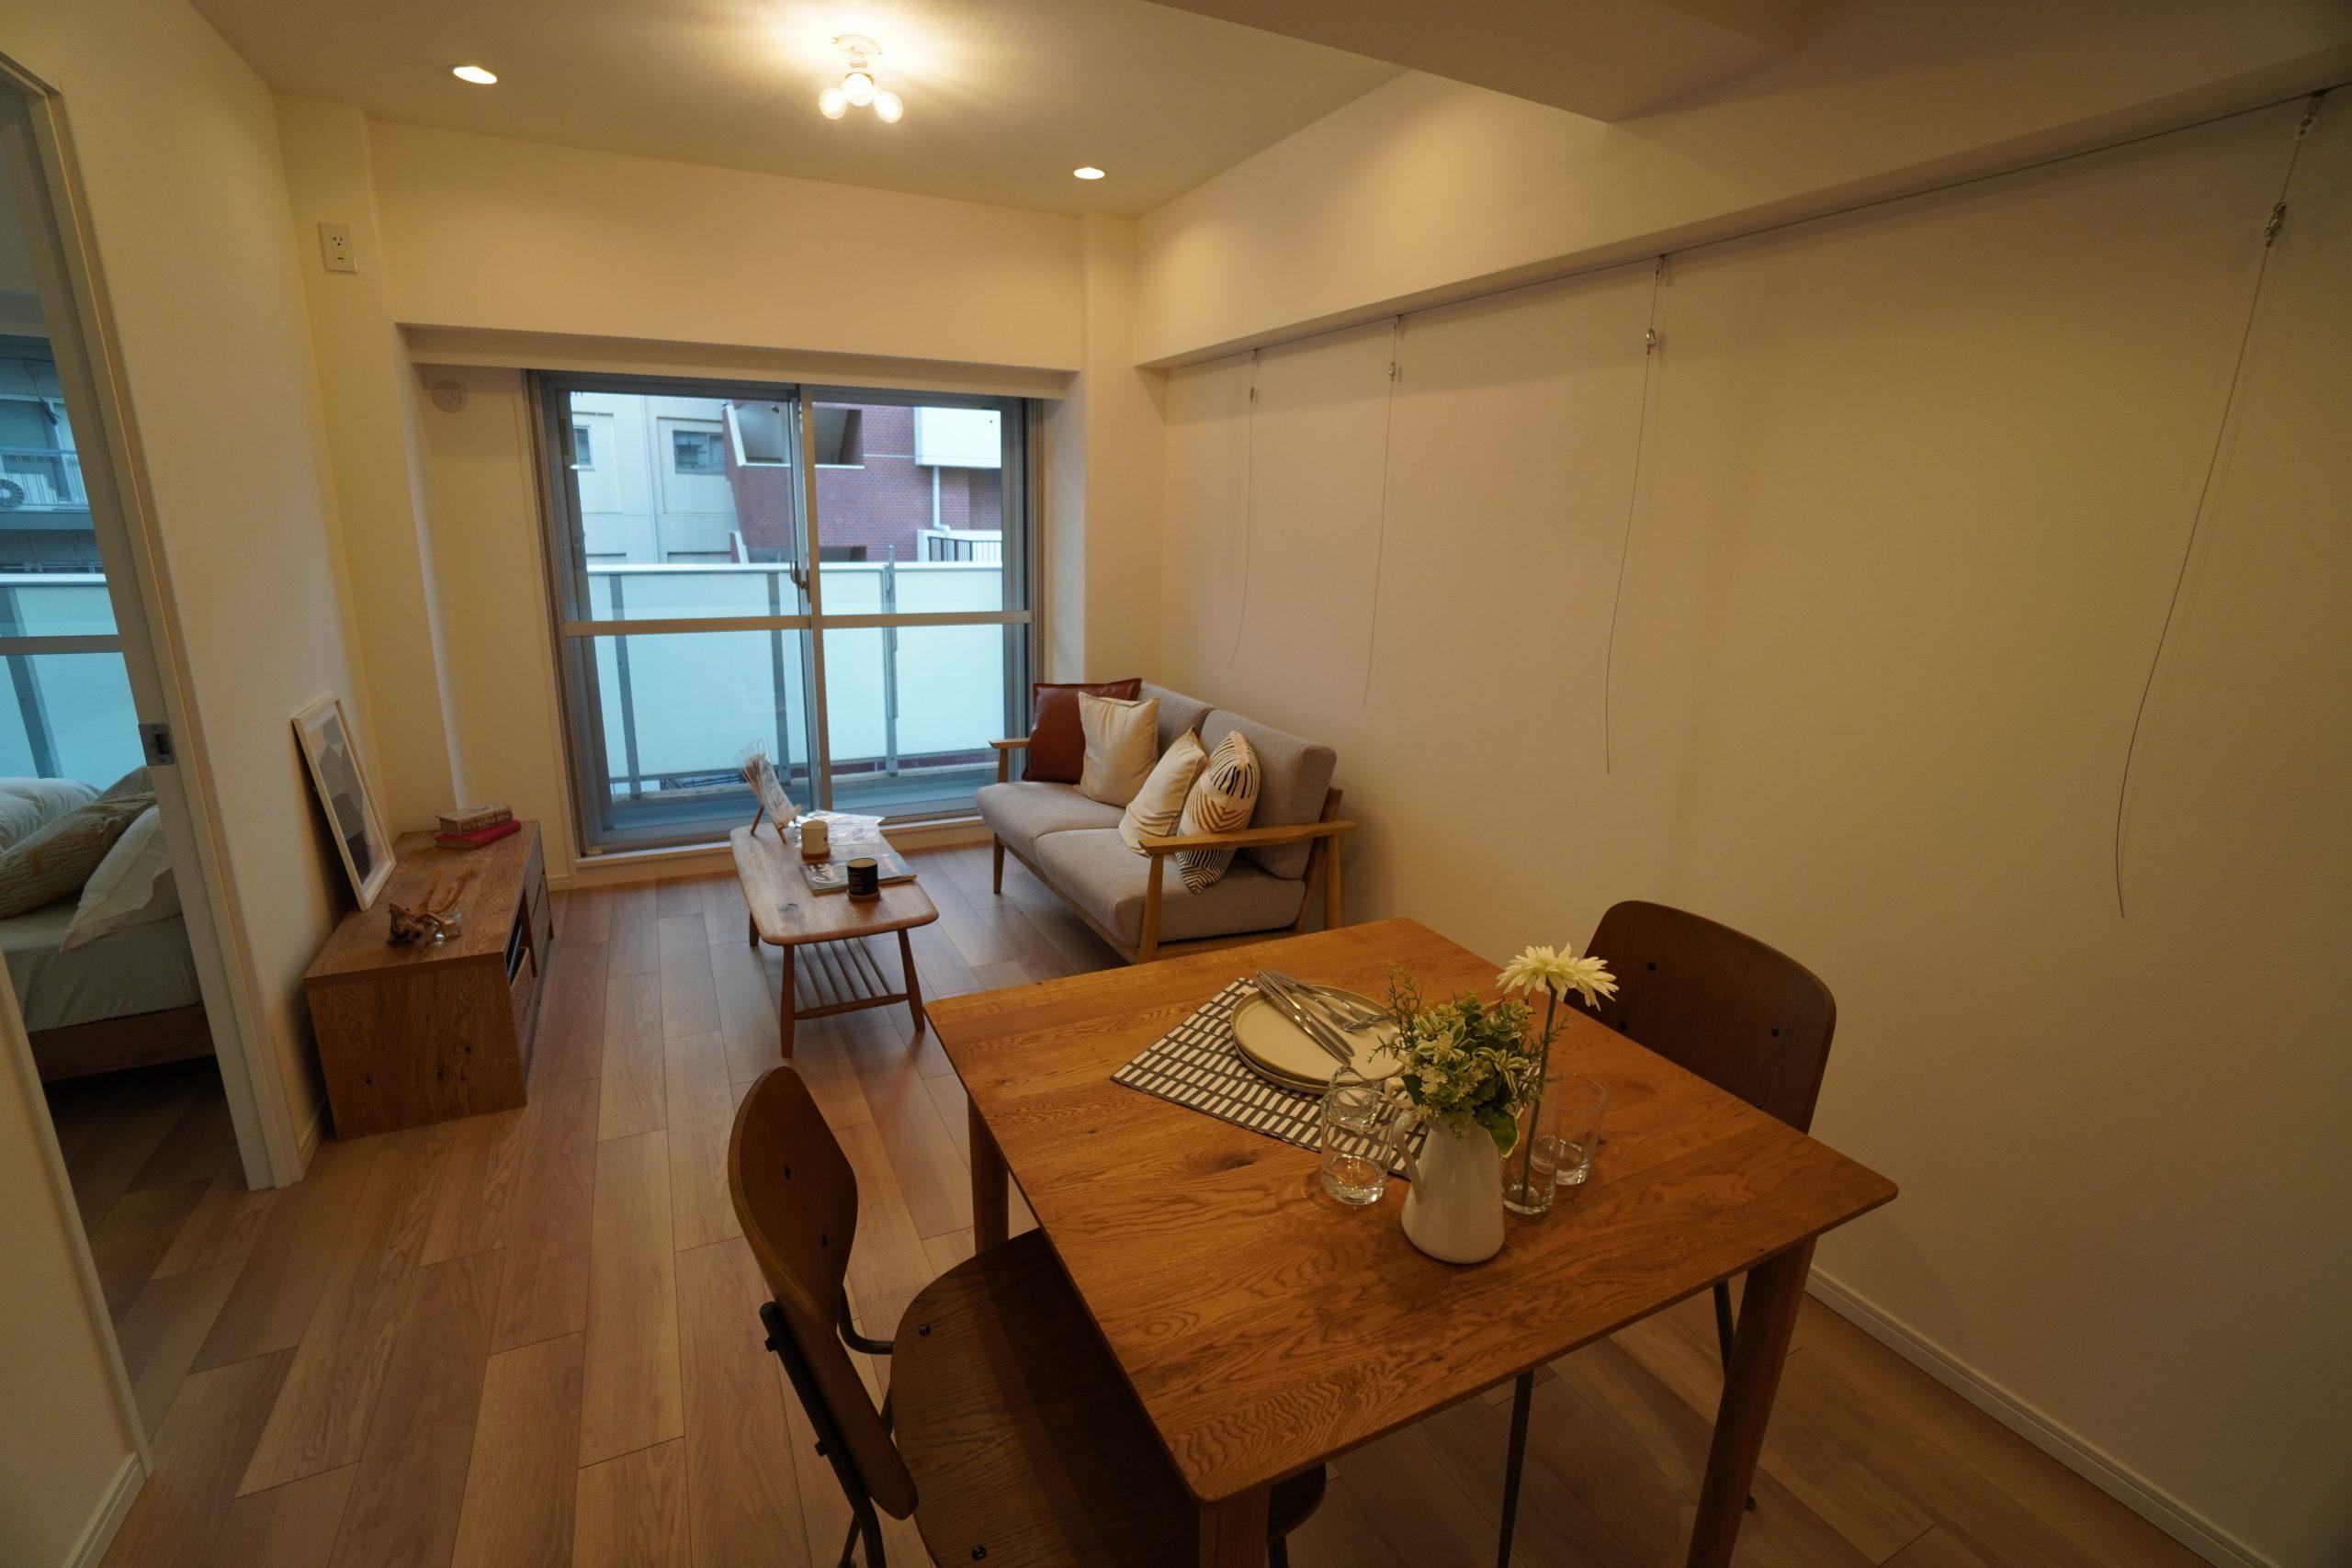 恵比寿スカイハイツ 413号室の写真3